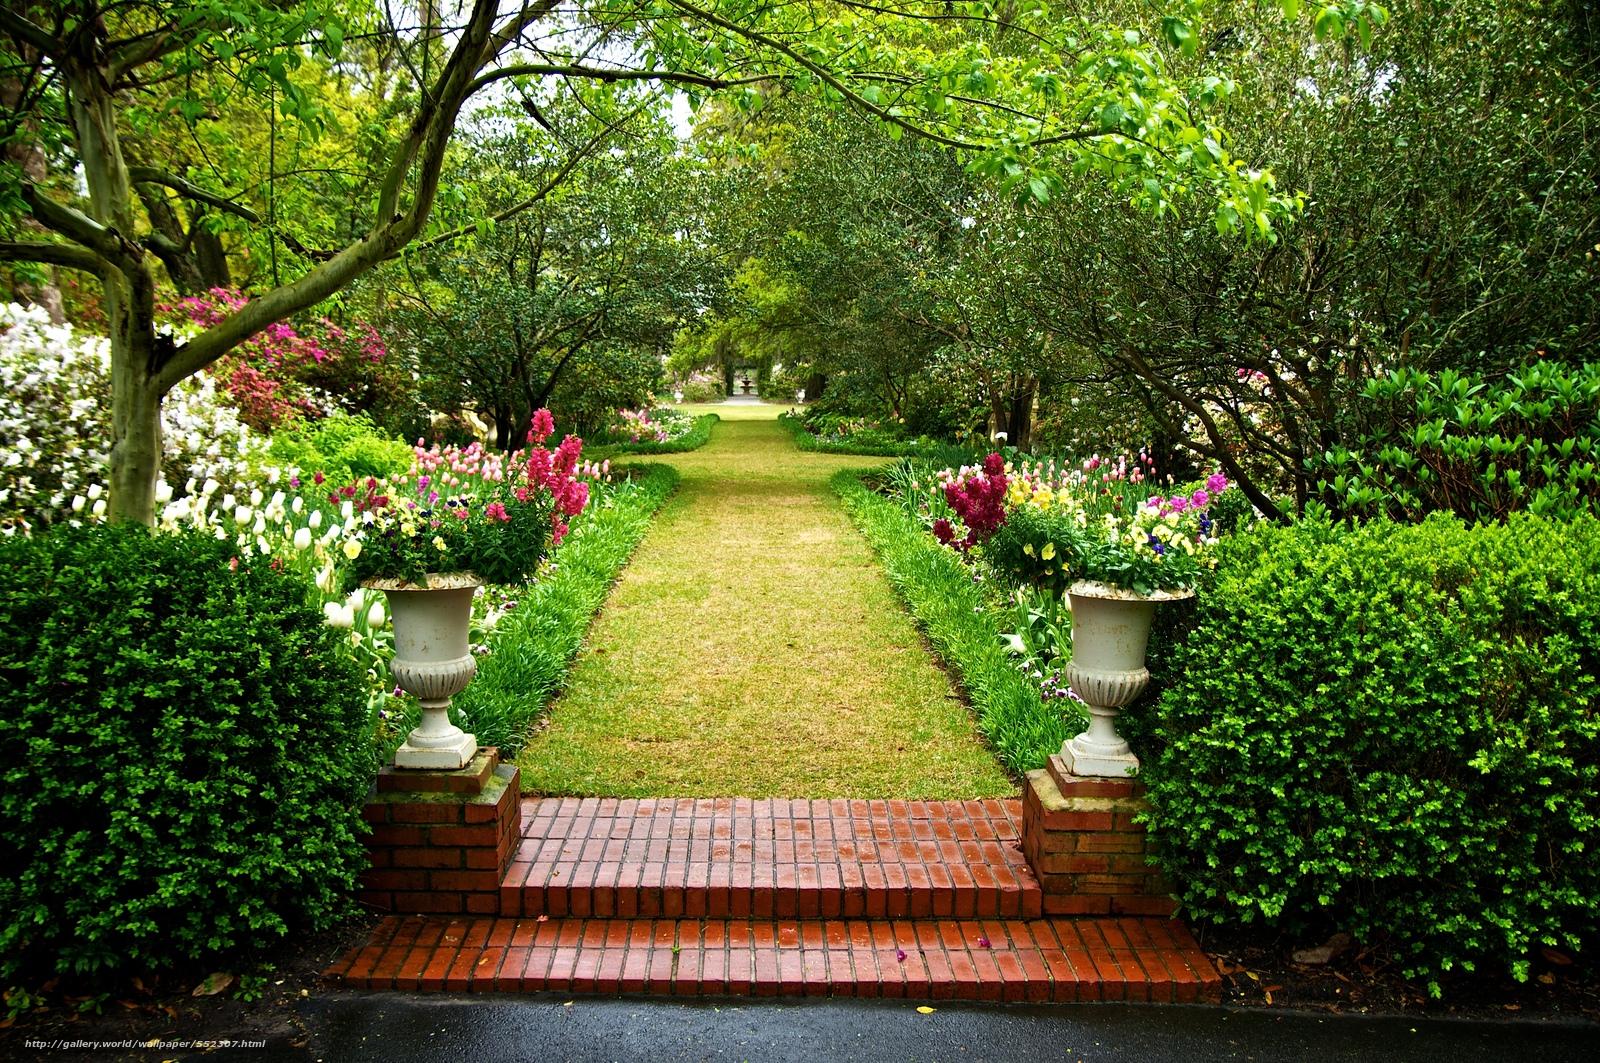 Descargar gratis jard n rboles flores paisaje fondos for Cancion jardin de rosas